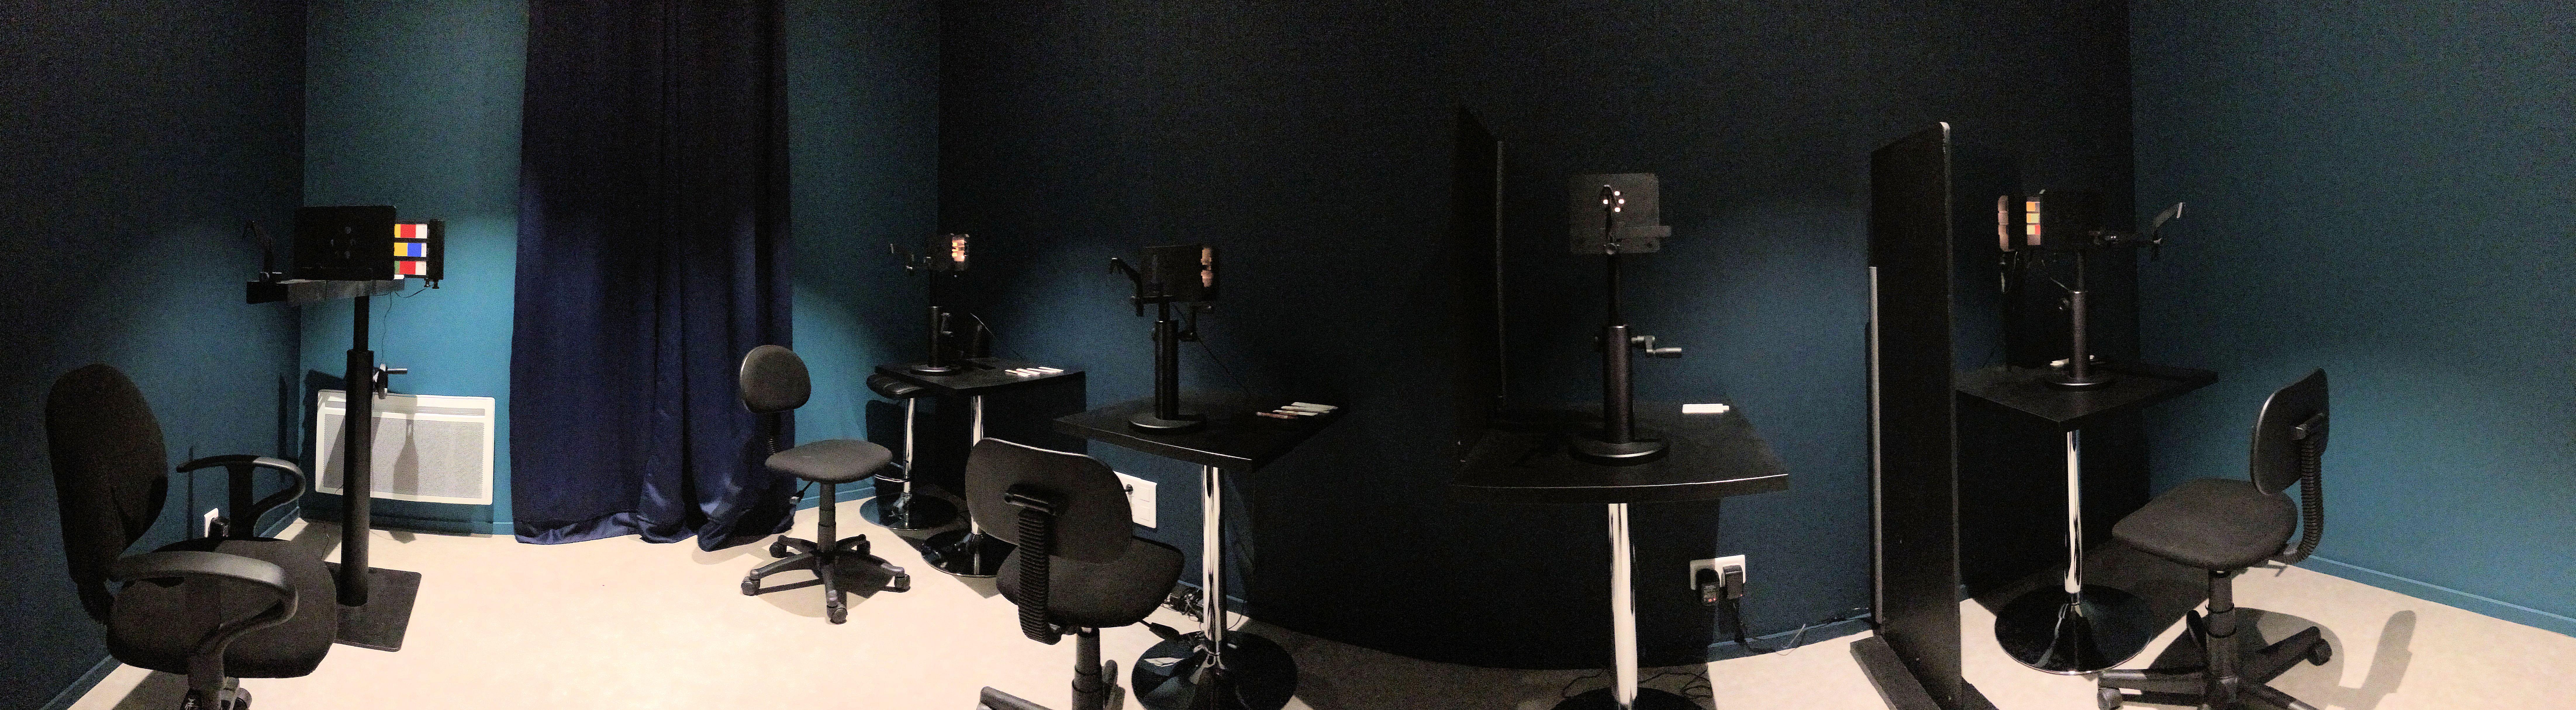 salles des appareils de Neuro-pédagogie